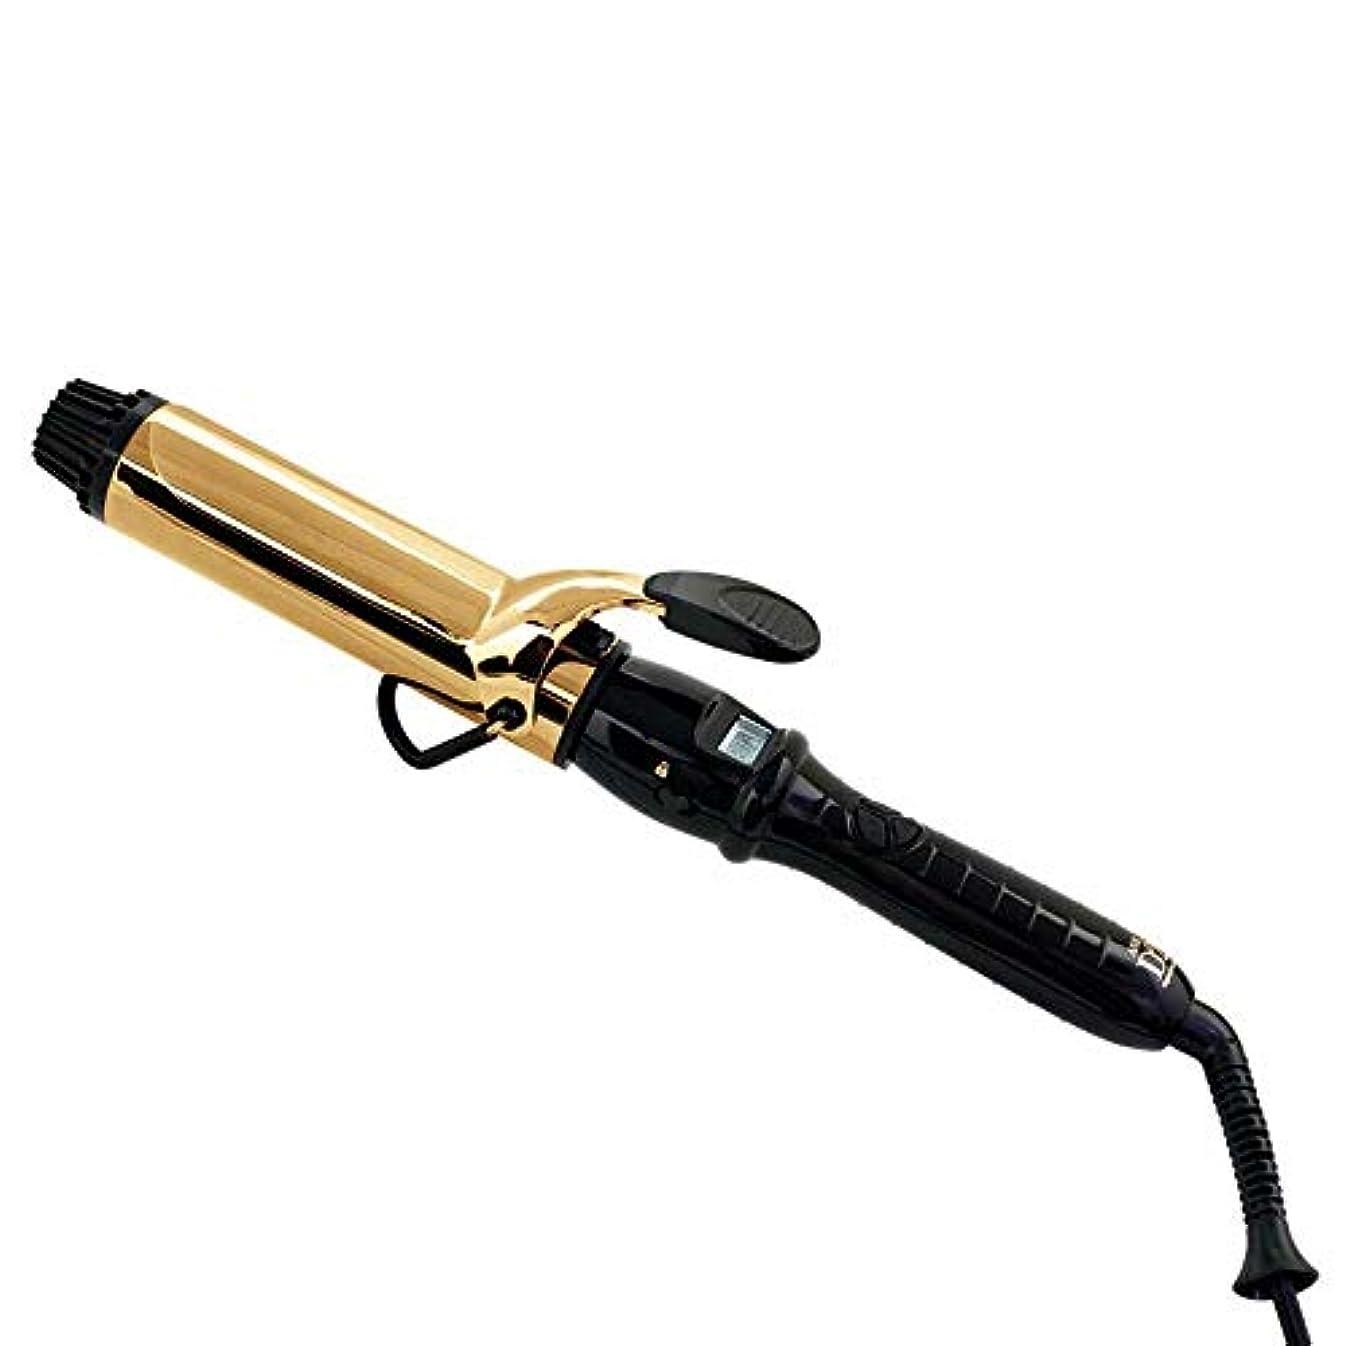 ペパーミント雨の豊富なトリコインダストリーズ D2アイロン ゴールドバレル 32mm 1台